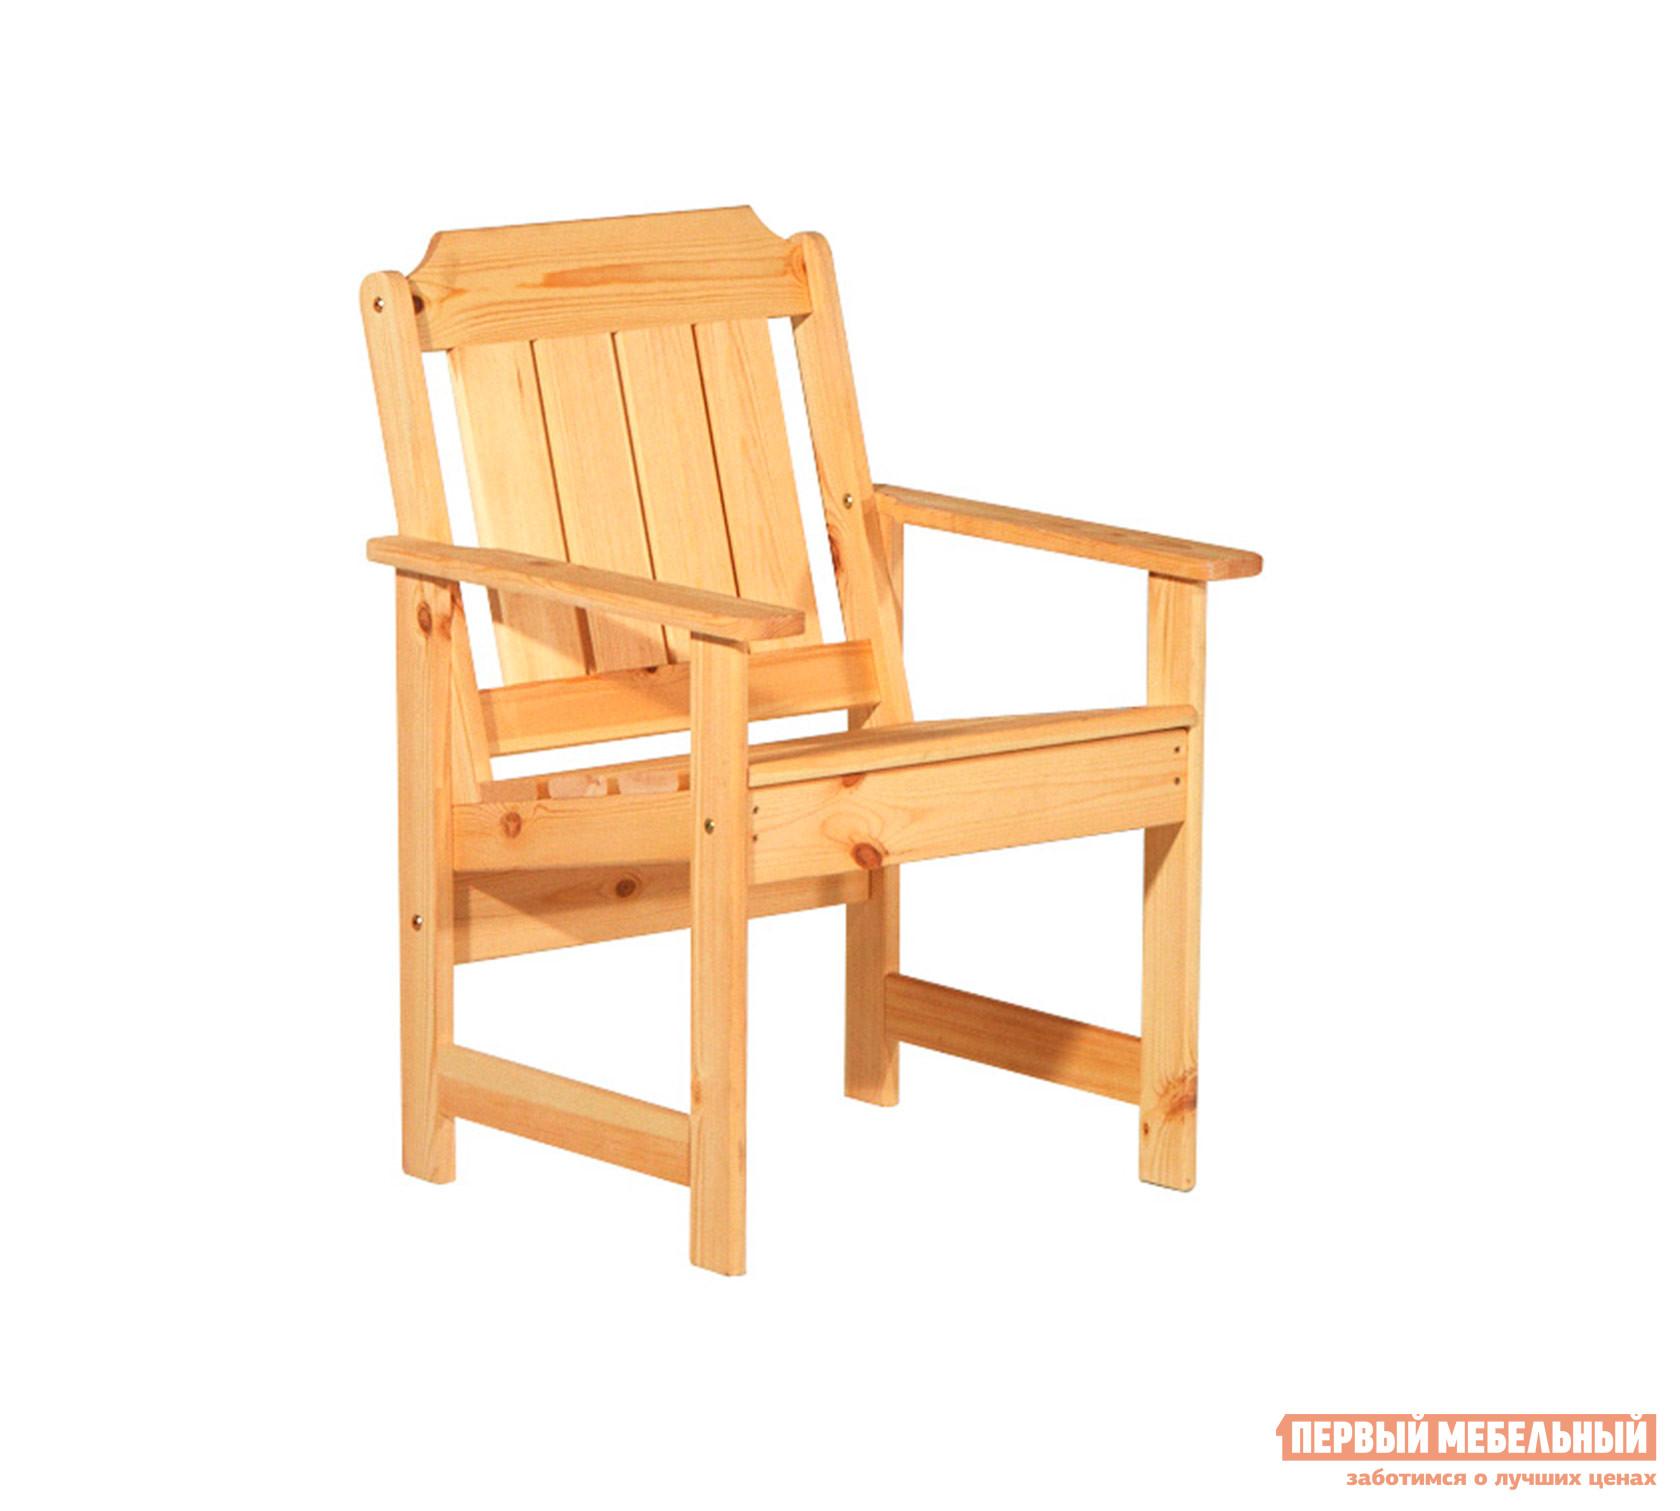 Дачное кресло Timberica Кресло Ярви  недорого